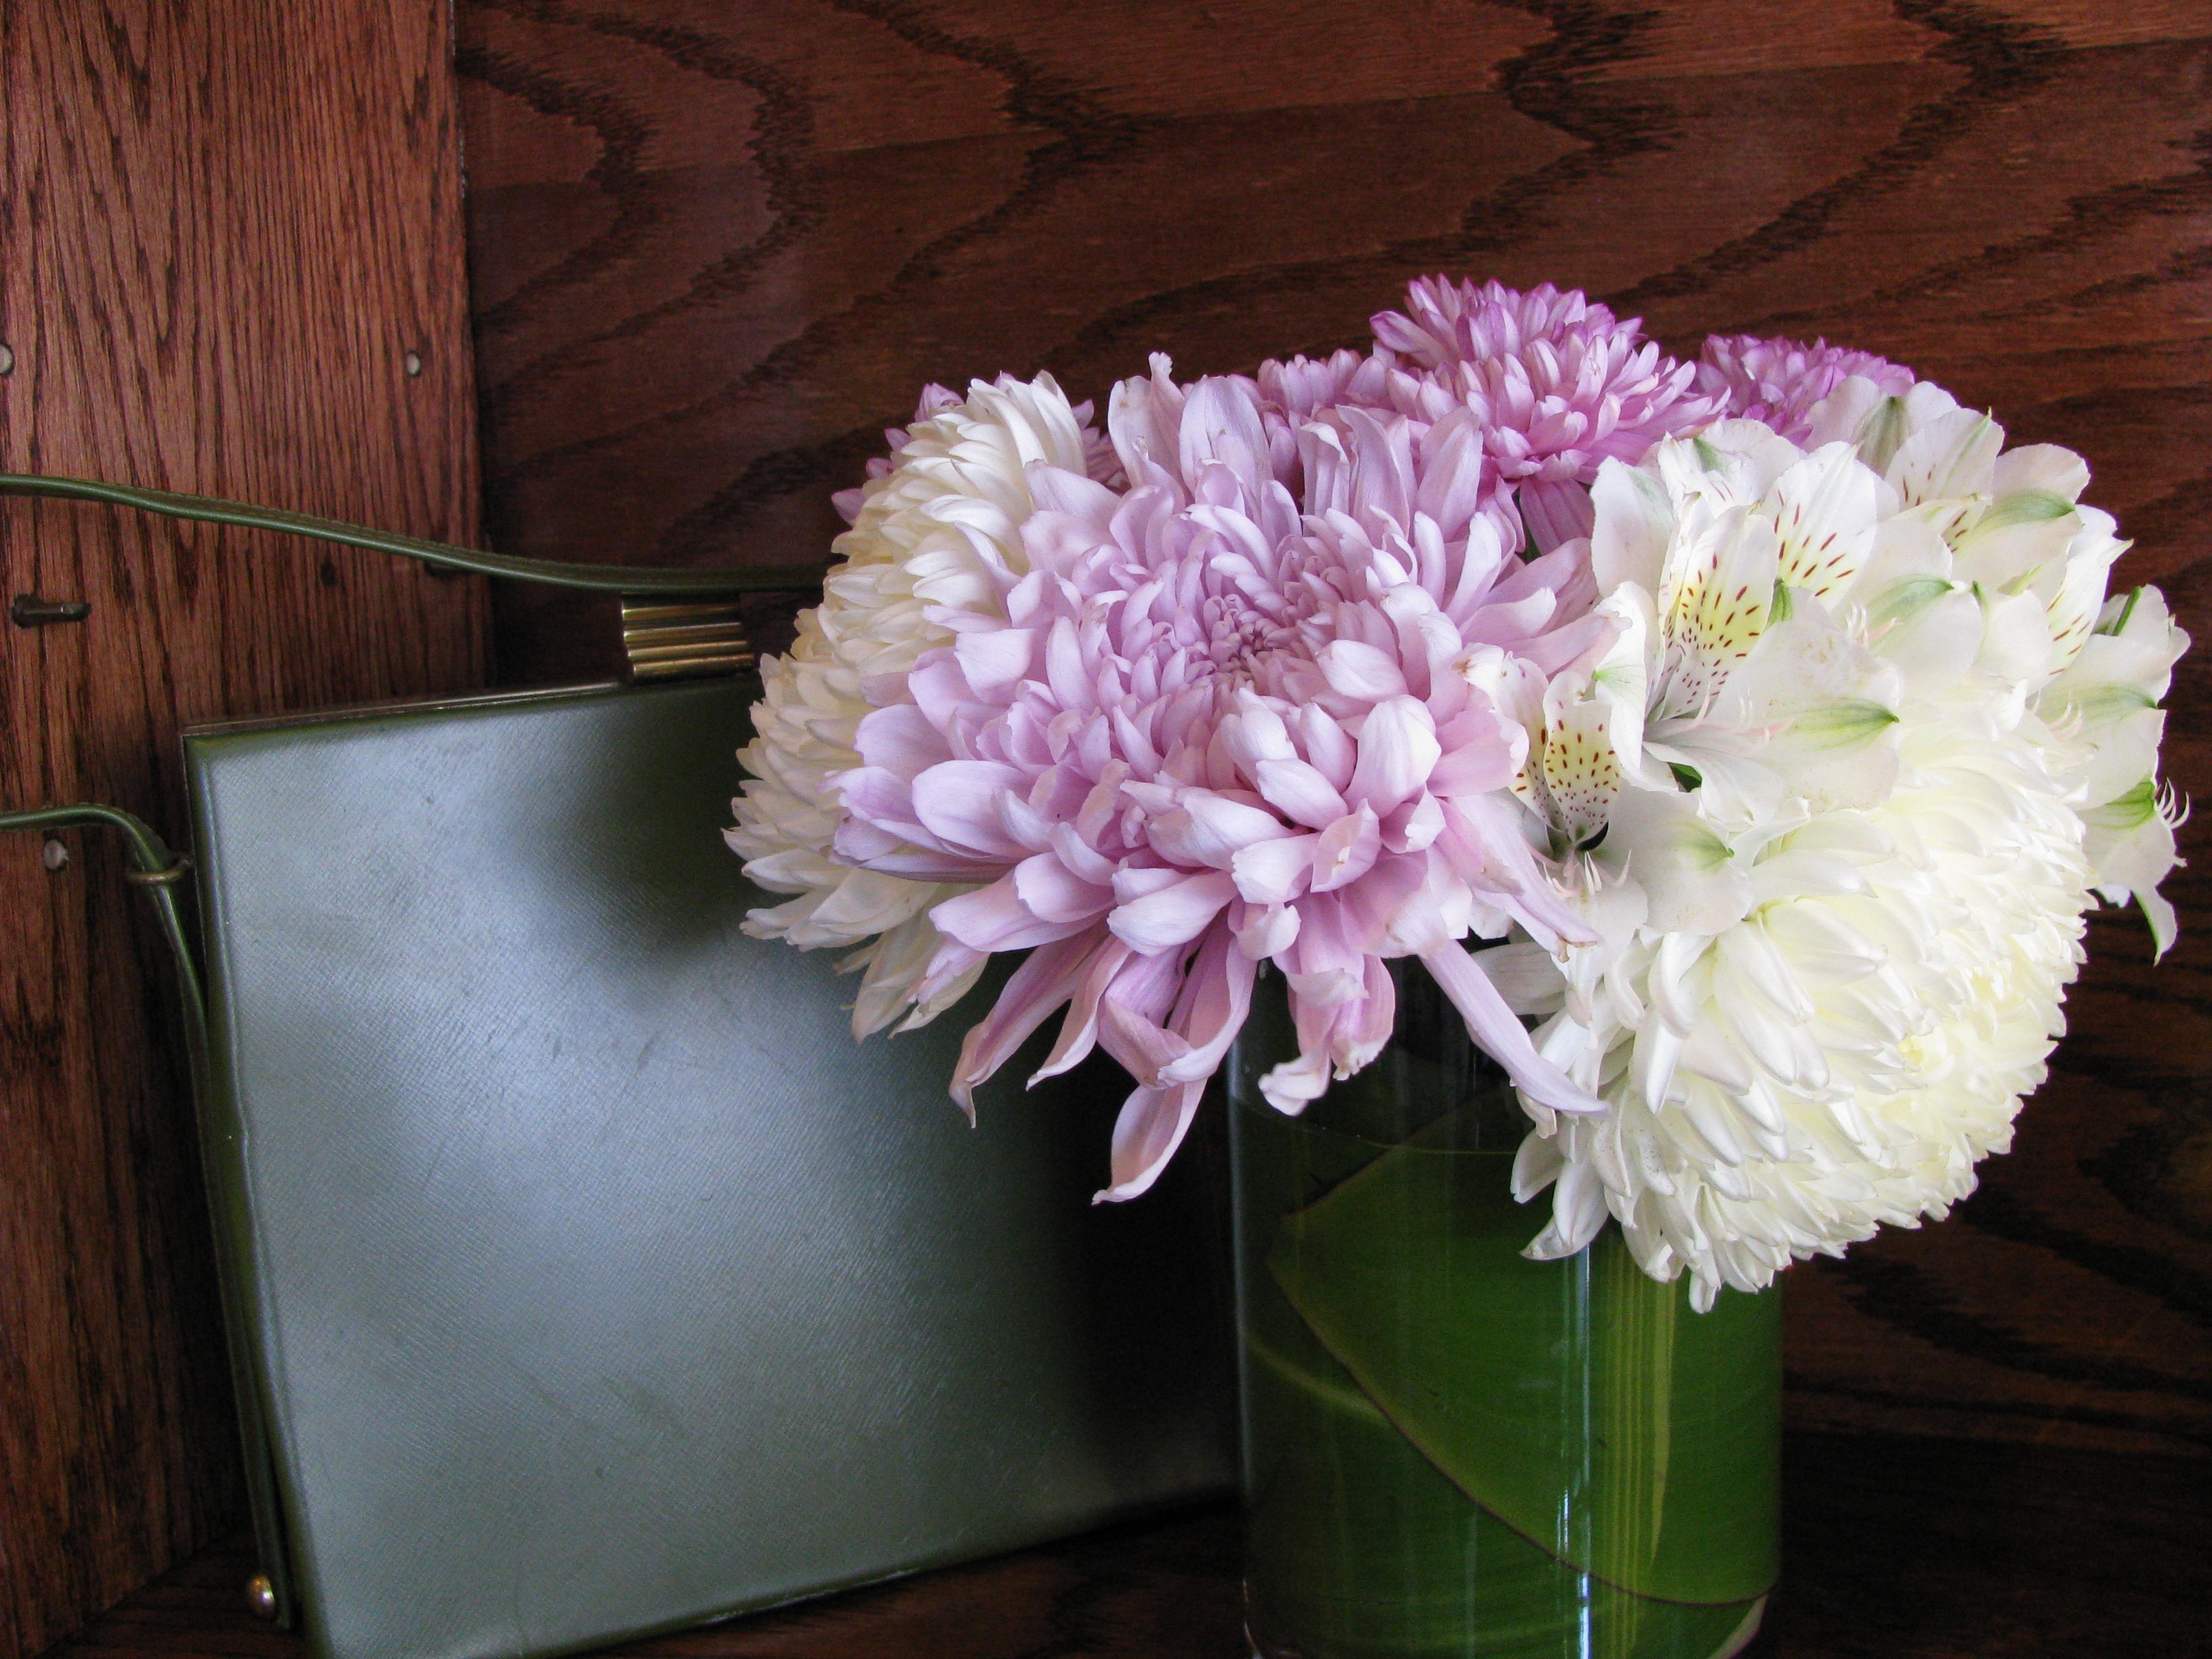 Flower vase pronunciation - Colored Vase Using A Colored Vase For Your Designer Flower Arrangement Will Make Your Flowers Pop